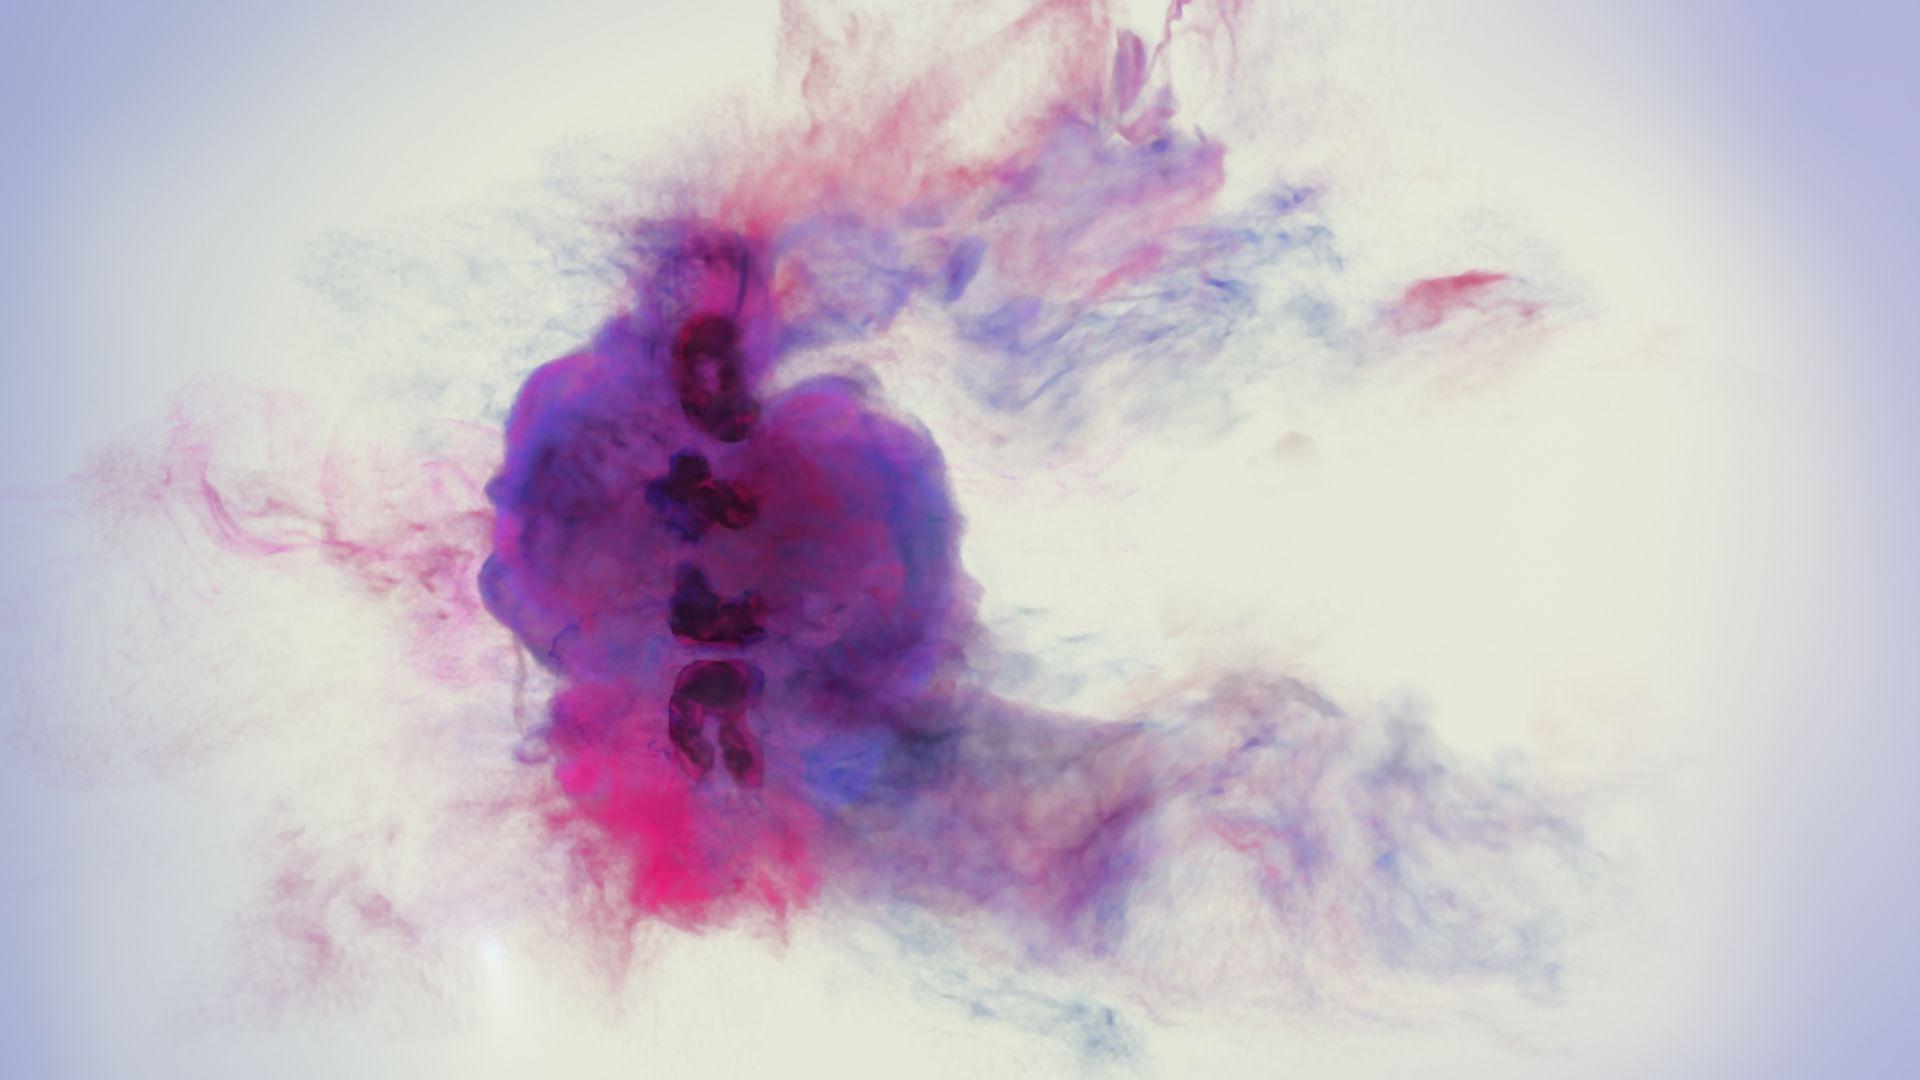 """Comme son œuvre, Orson Welles se décline presque à l'infini : caméléon, engagé, fabulateur, magicien, rebelle, romanesque, dérisoire… Mais qu'y a‐t-il au-delà de ces images indélébiles ? Le documentaire """"Orson Welles - autopsie d'une légende"""" sera diffusé dimanche 27 août à 22h45."""